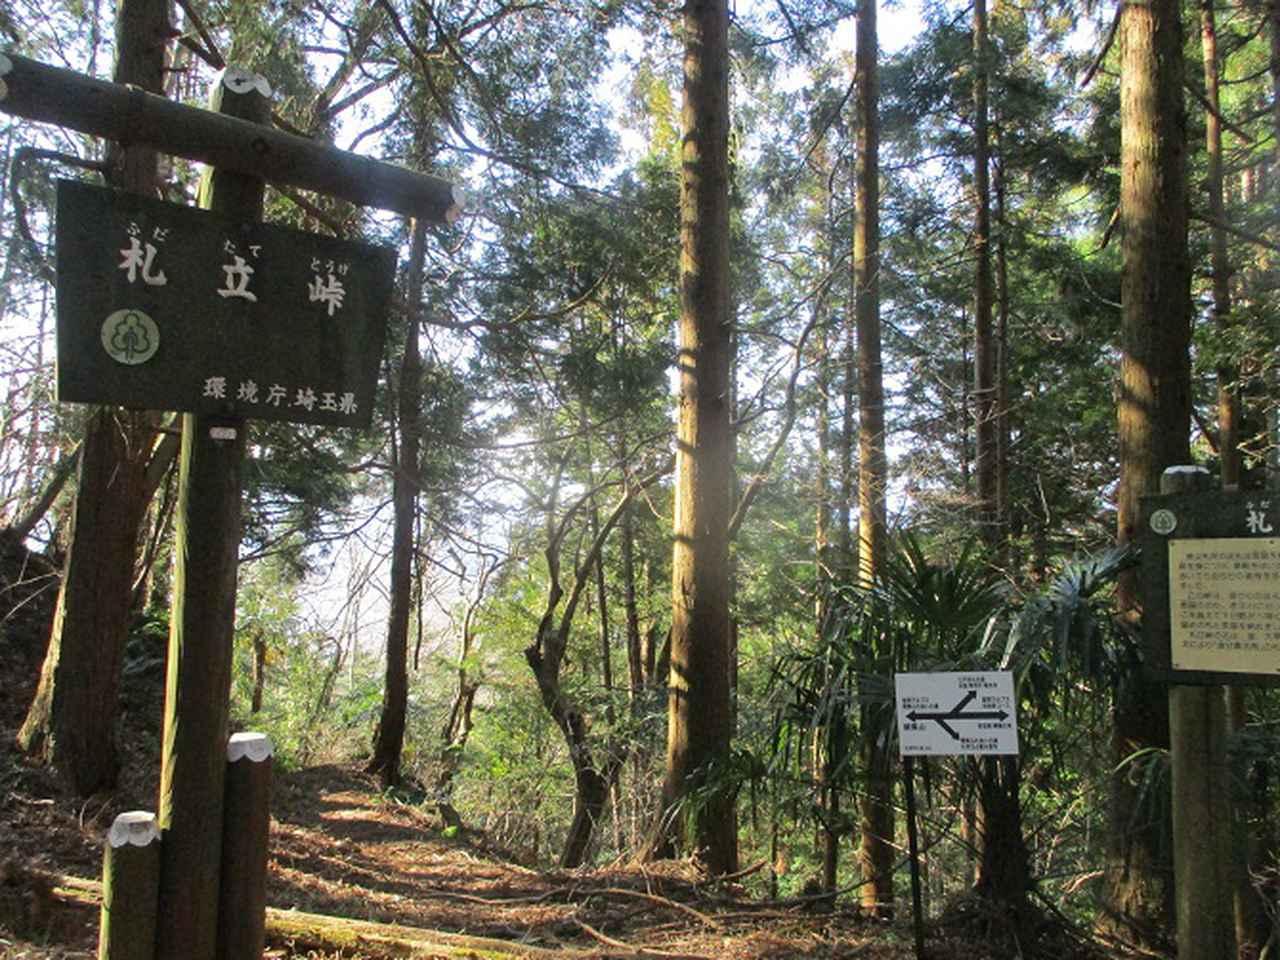 画像4: 3月の山旅会 秩父・破風山 の下見に行ってきました!